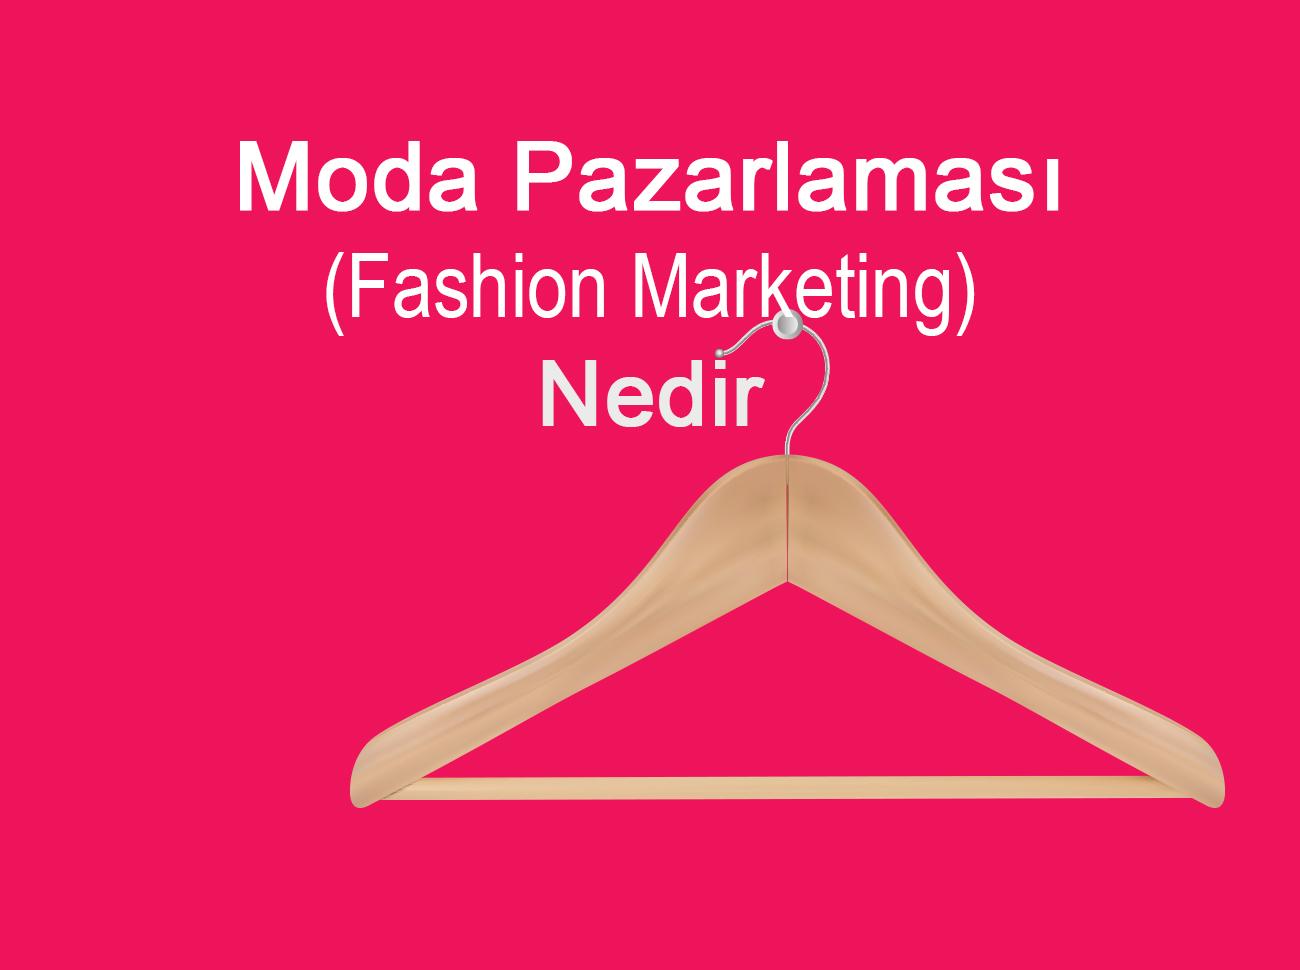 Moda Pazarlaması (Fashion Marketing) Nedir?